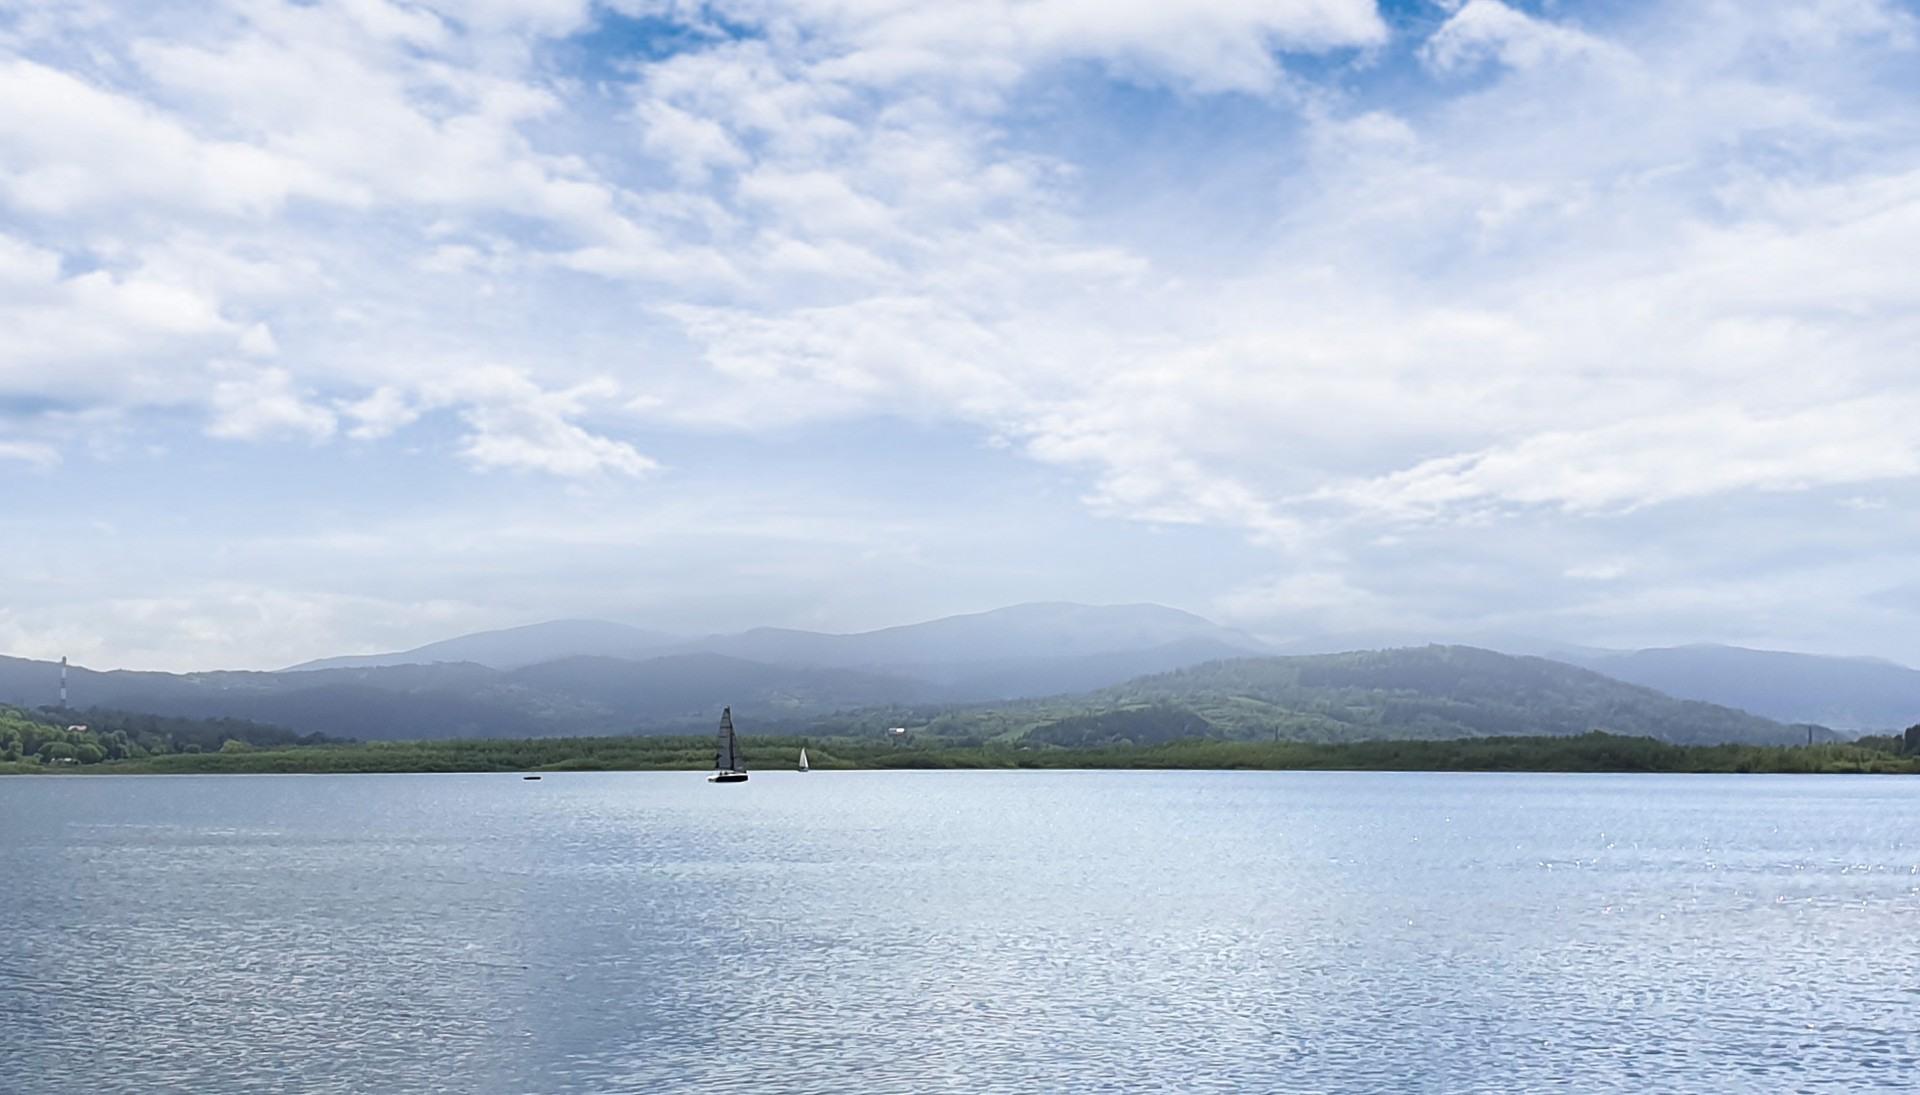 jezioro żywieckie noclegi, żeglowanie lokalna atrakcje, przystań, żaglówki